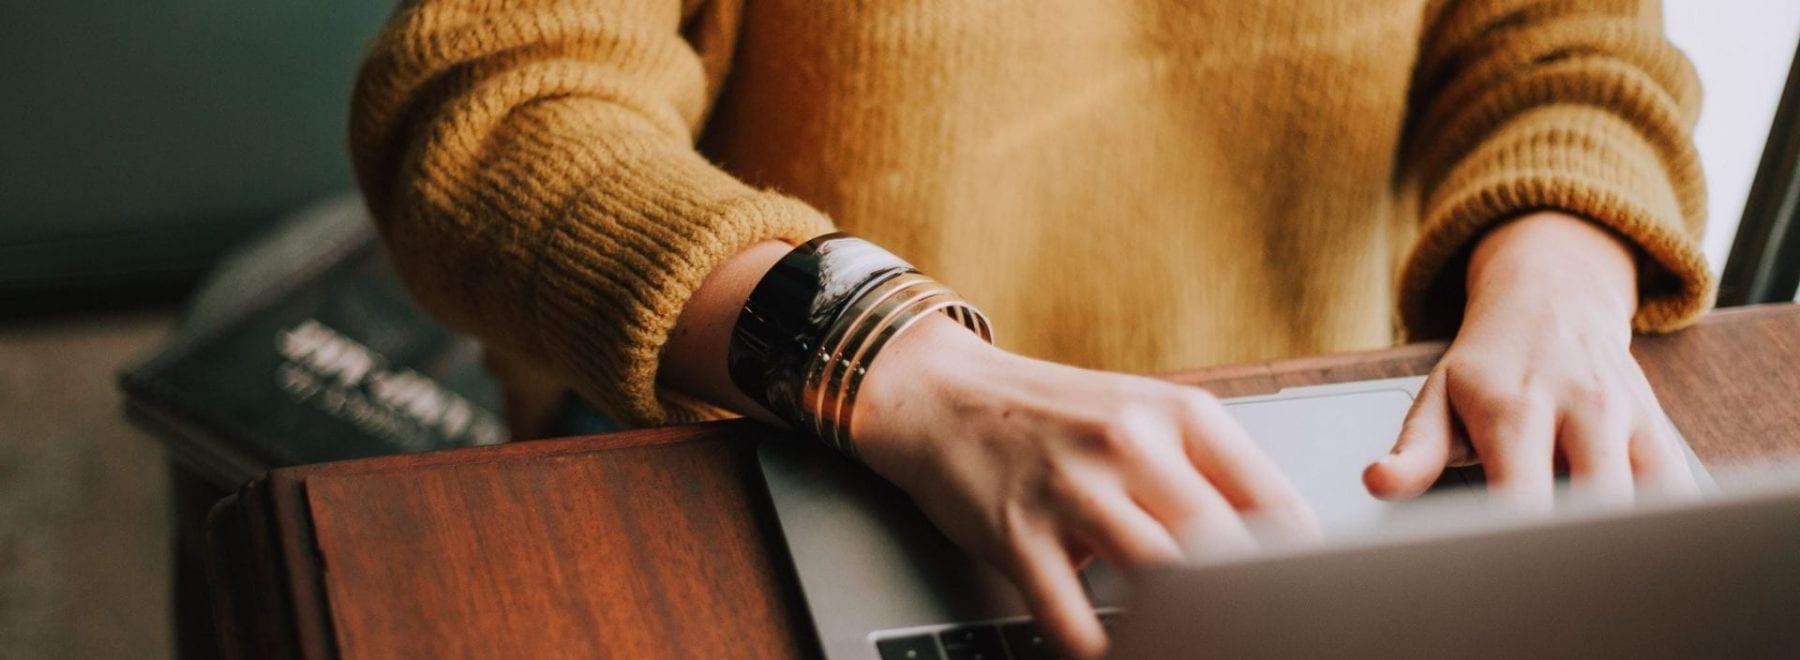 Girl writing on laptop.